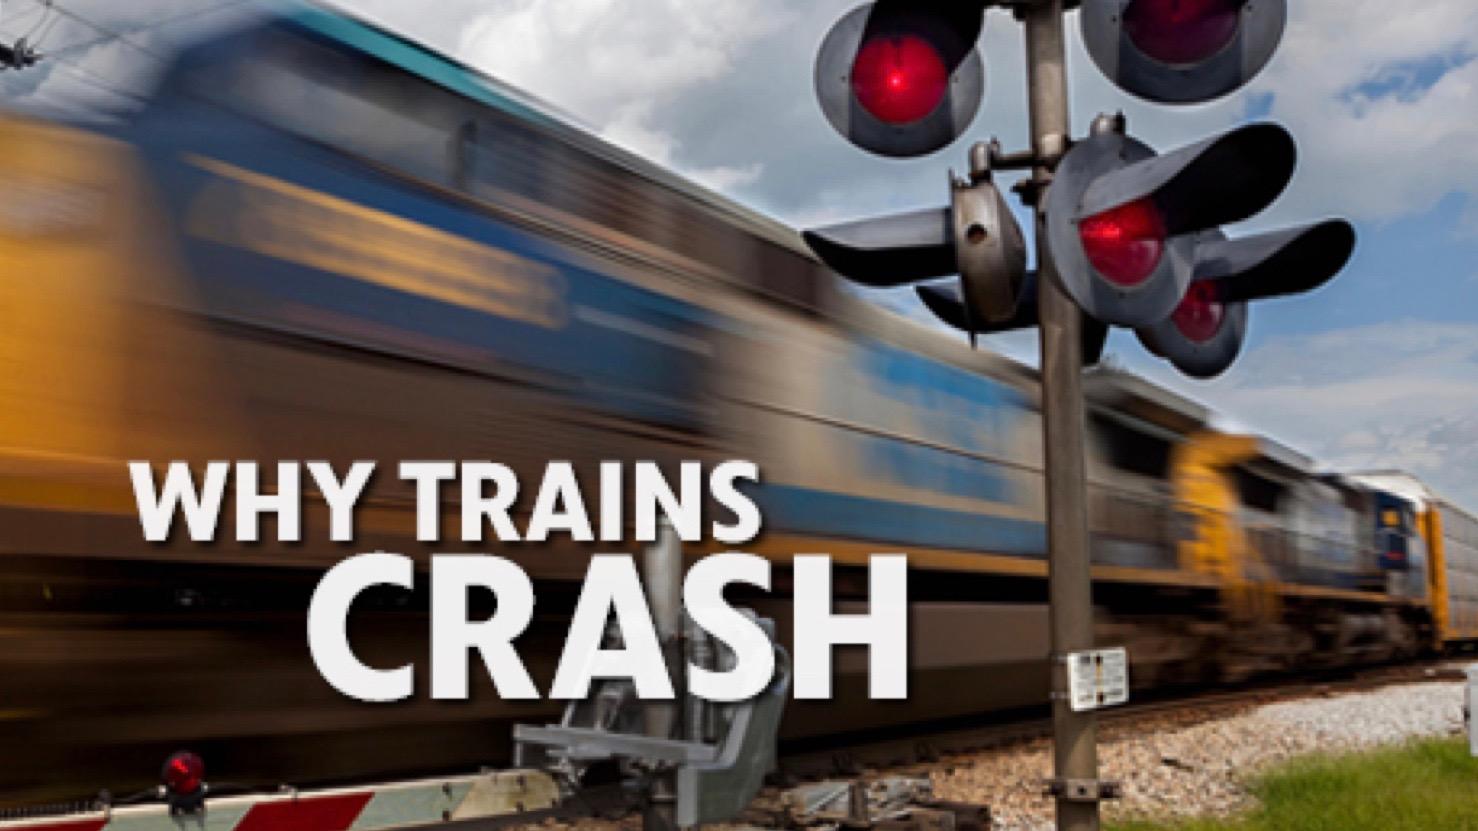 Nova: Why Trains Crash - Wednesday, February 22 - 9 p.m.